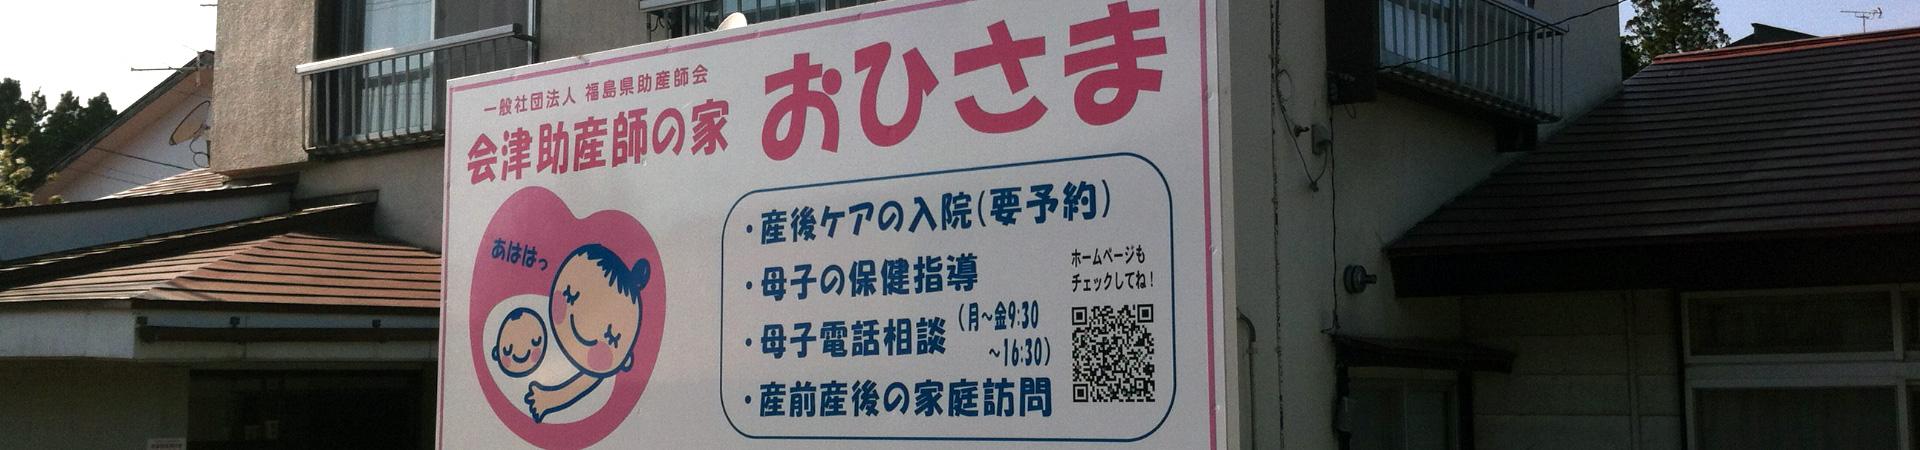 一般社団法人 福島県助産師会